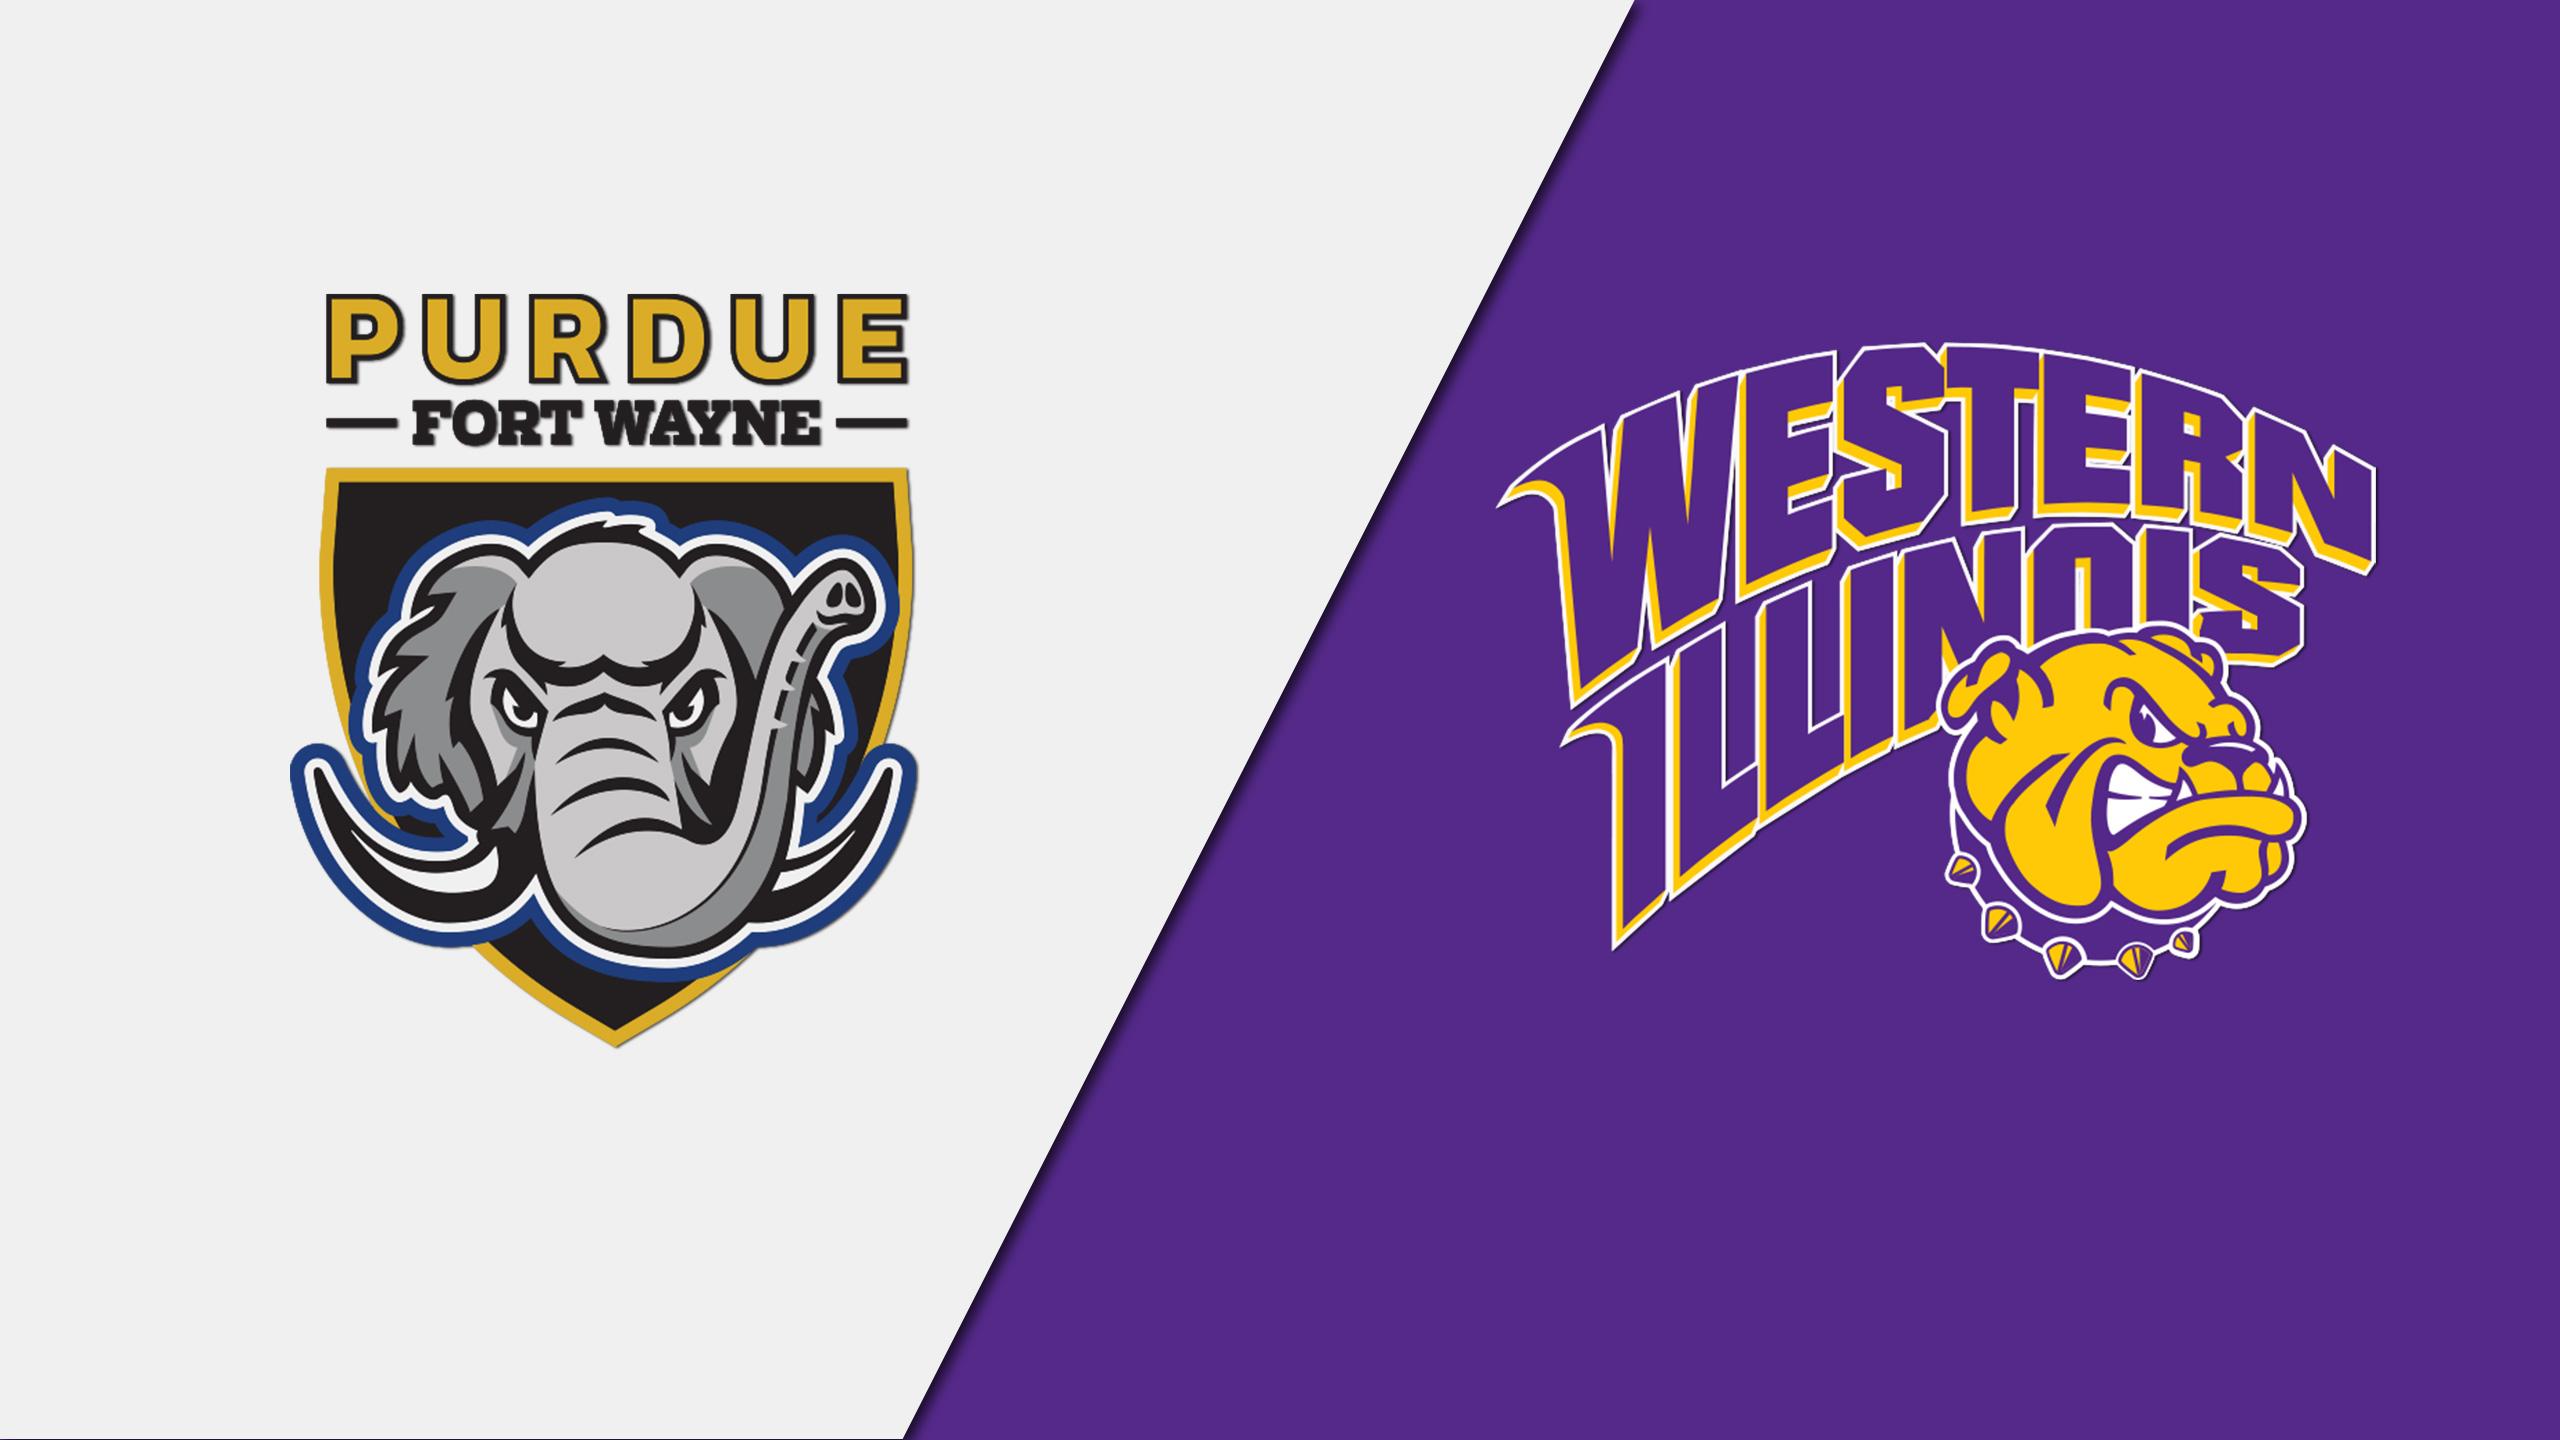 Purdue-Fort Wayne vs. Western Illinois (Baseball)